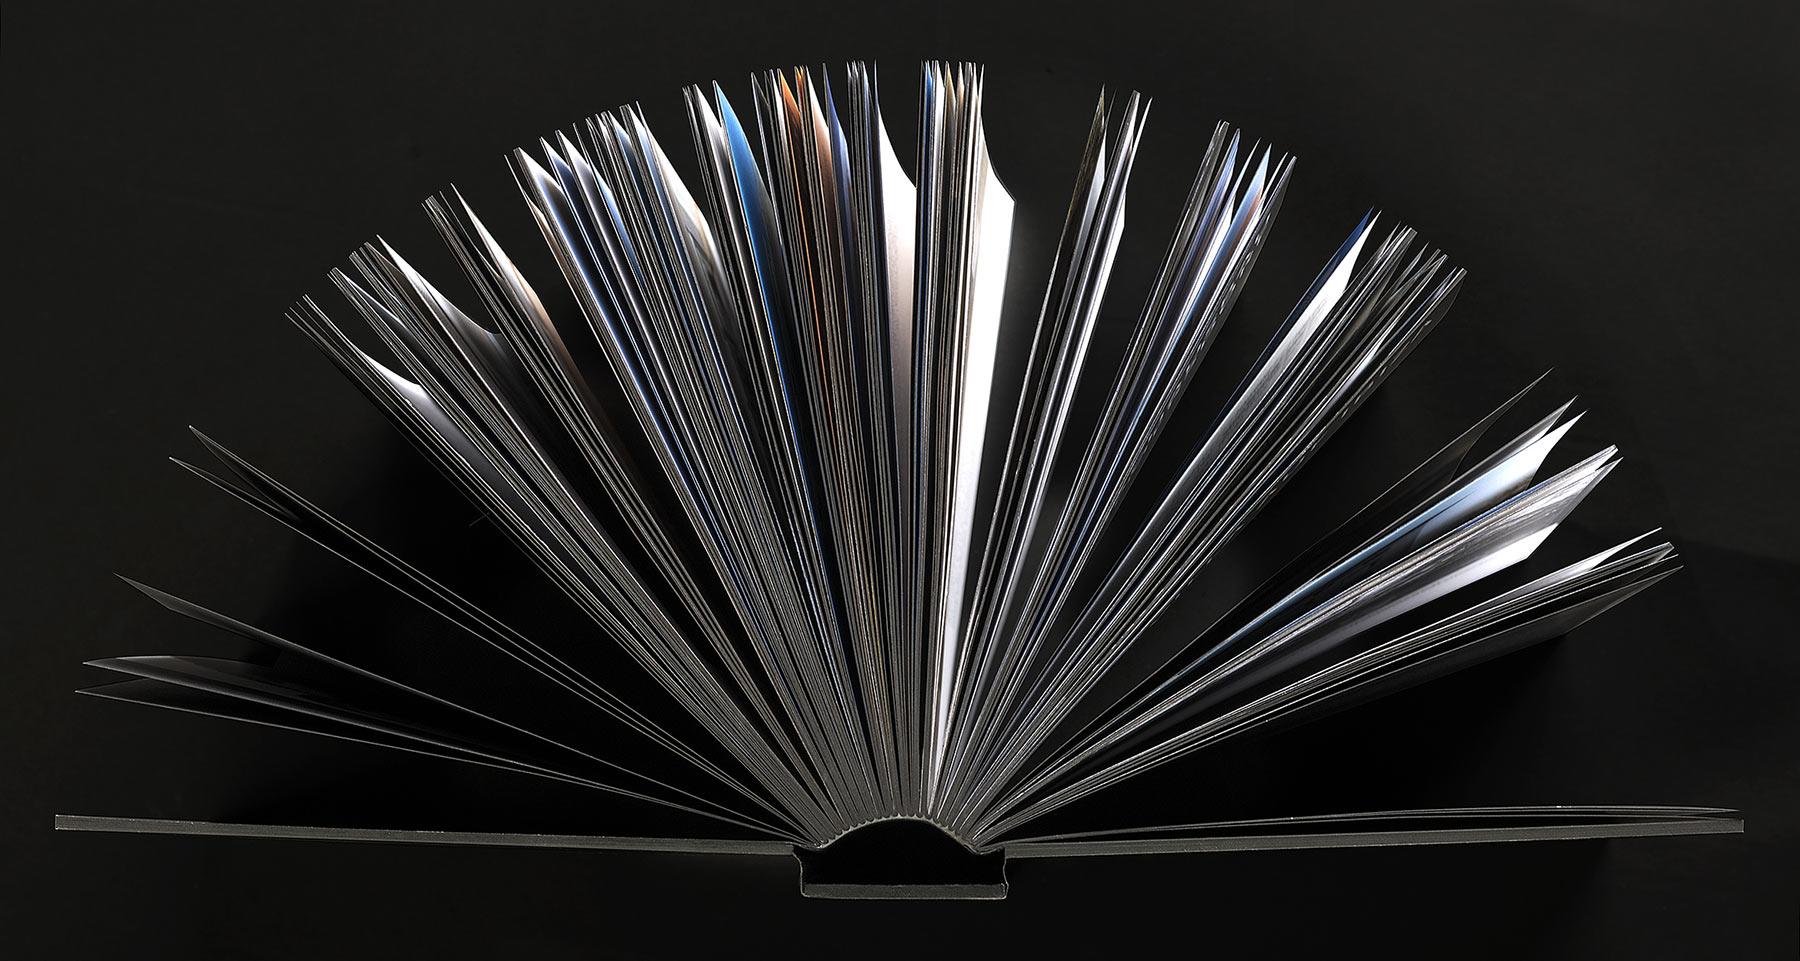 Blumers-Architekten_Black-Book-Design-Anna-Dabrowski-8457_cs